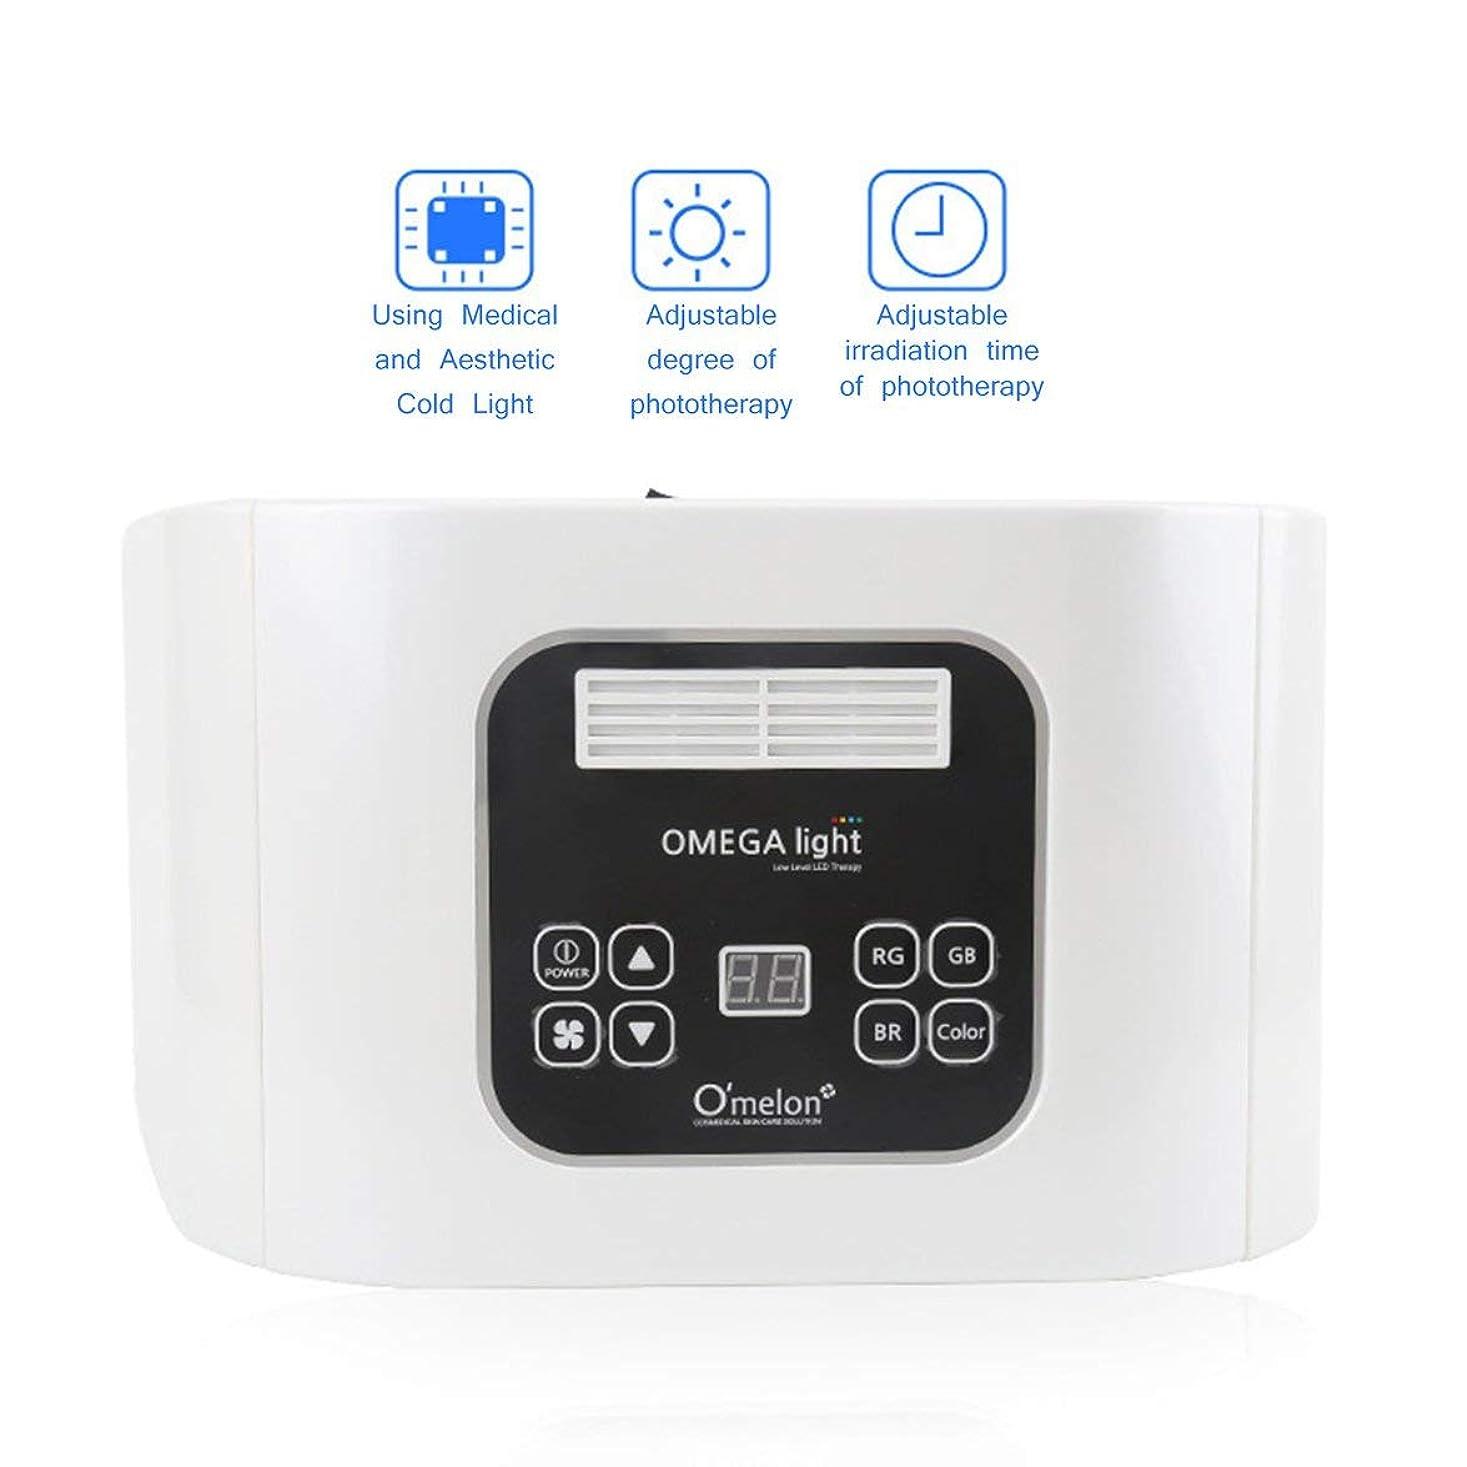 評価ハチ焼くIntercorey Pdtスマート分光計Ledライトダイナミック美容機器7色分光計美容サロンにきび美容機器